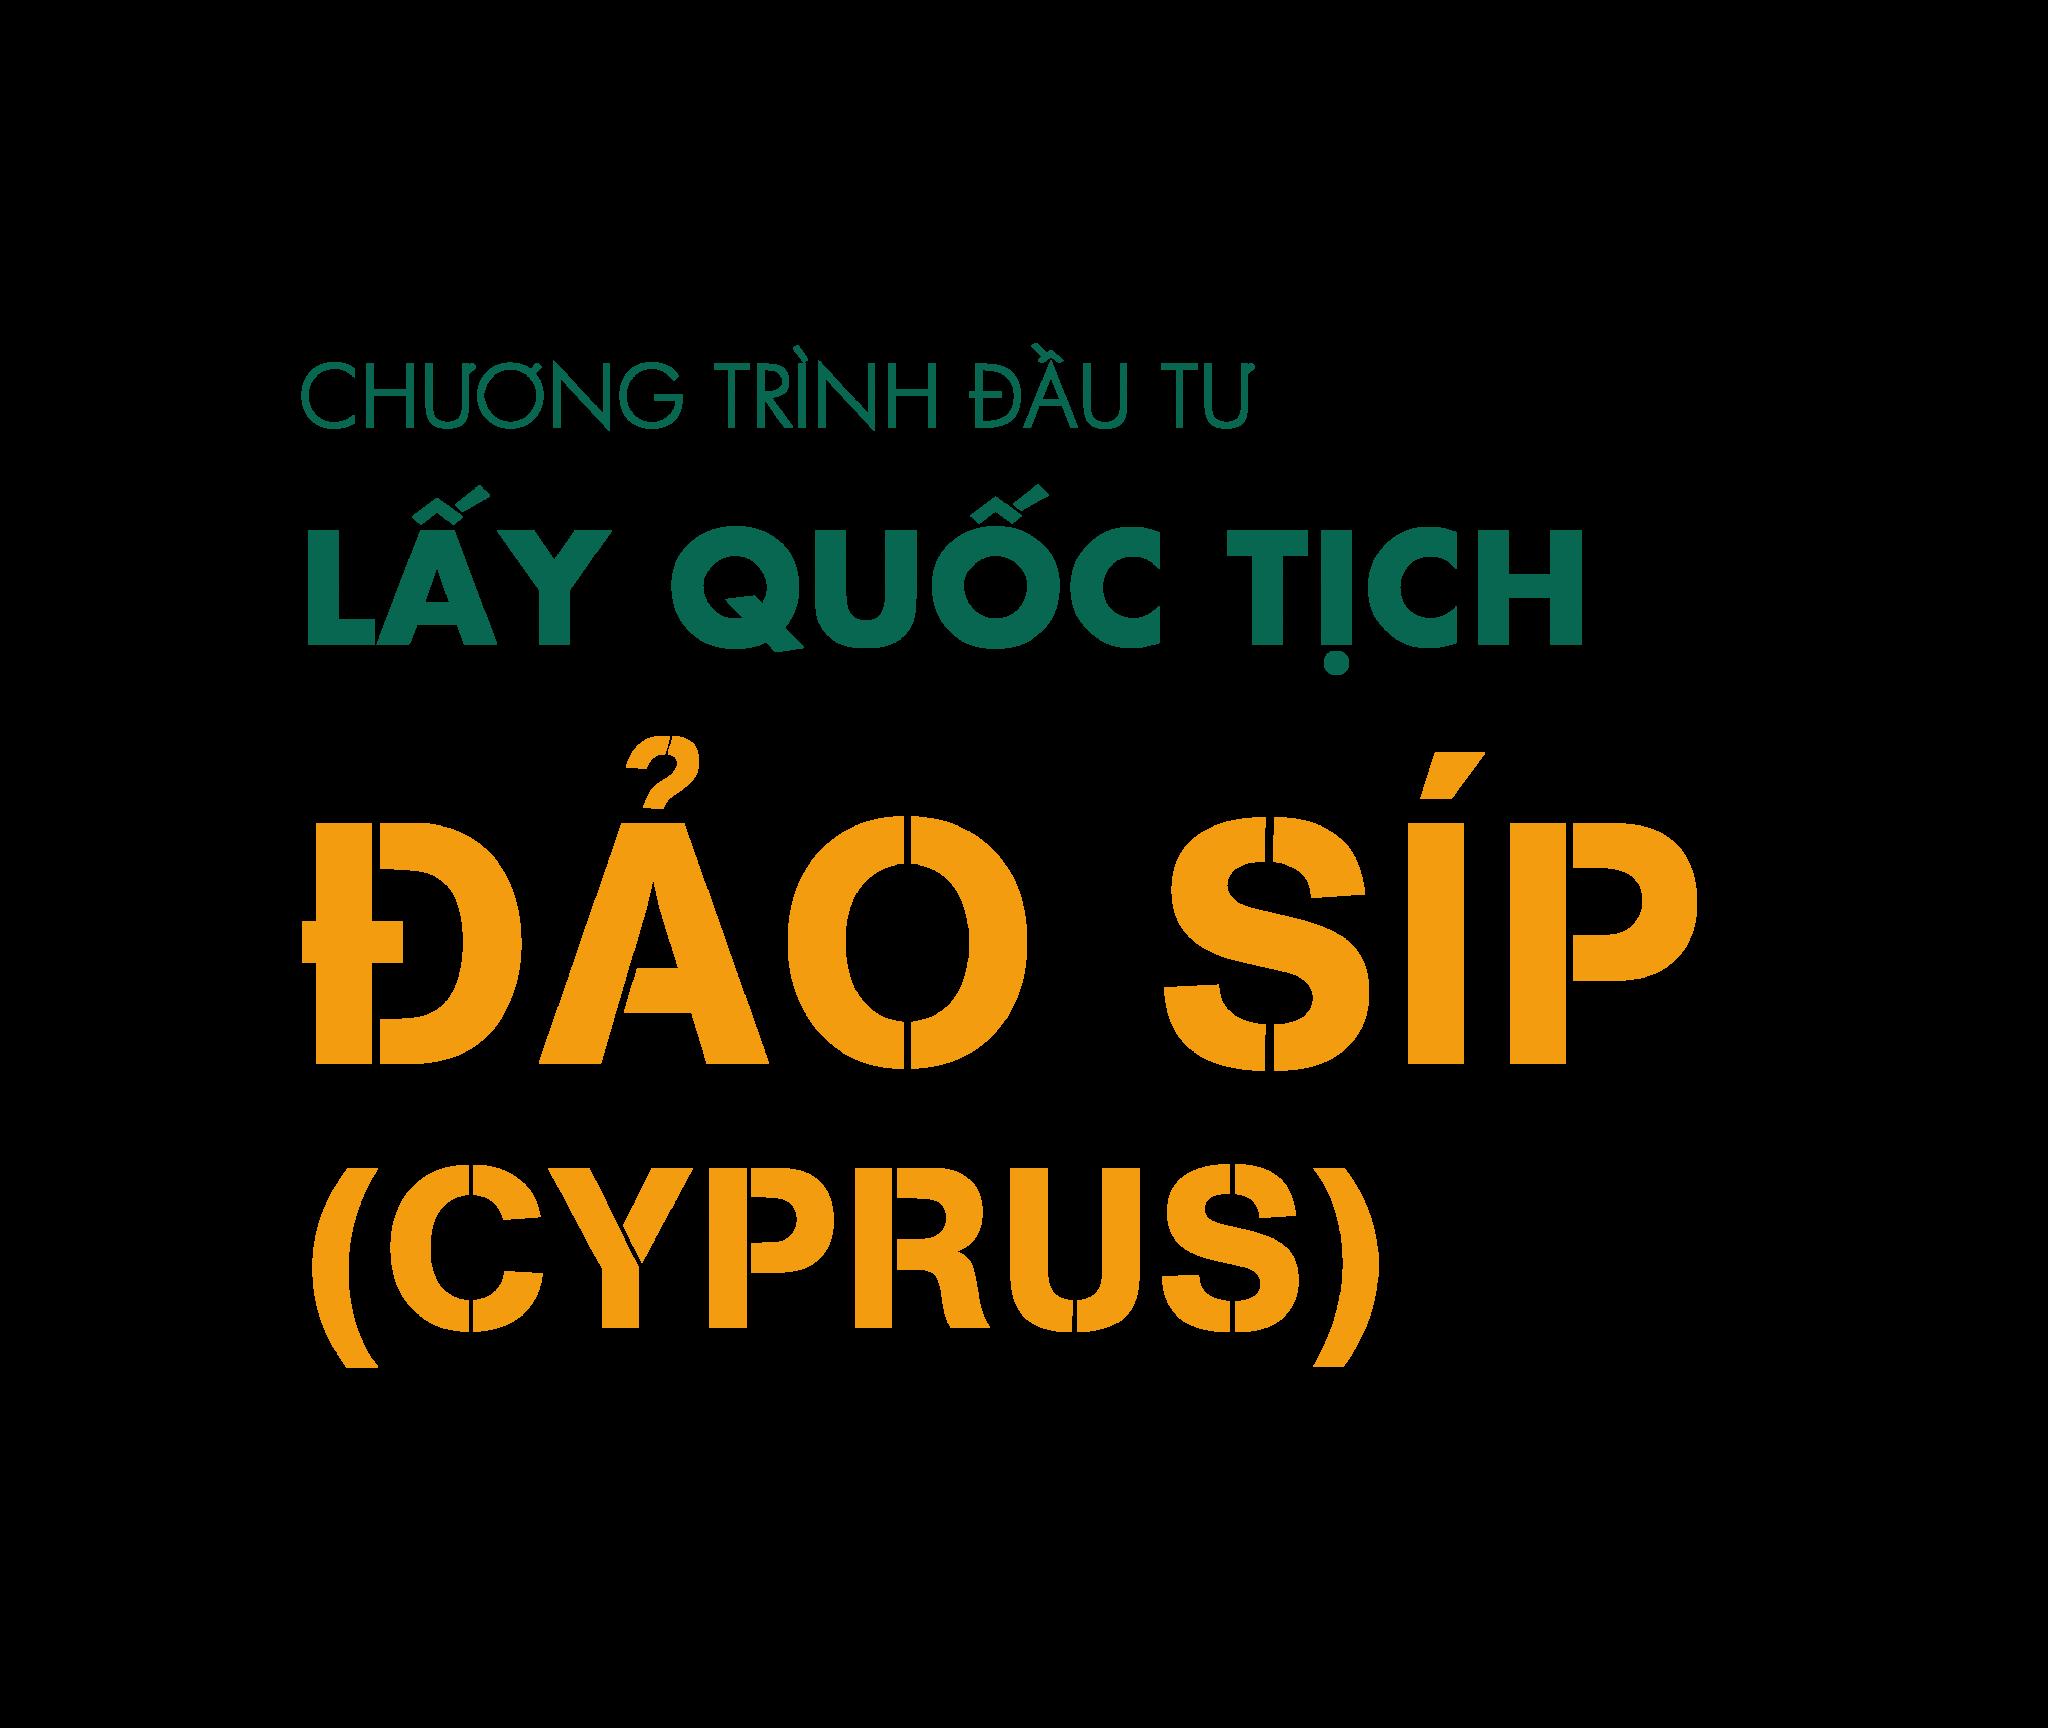 Quốc tịch đảo Síp